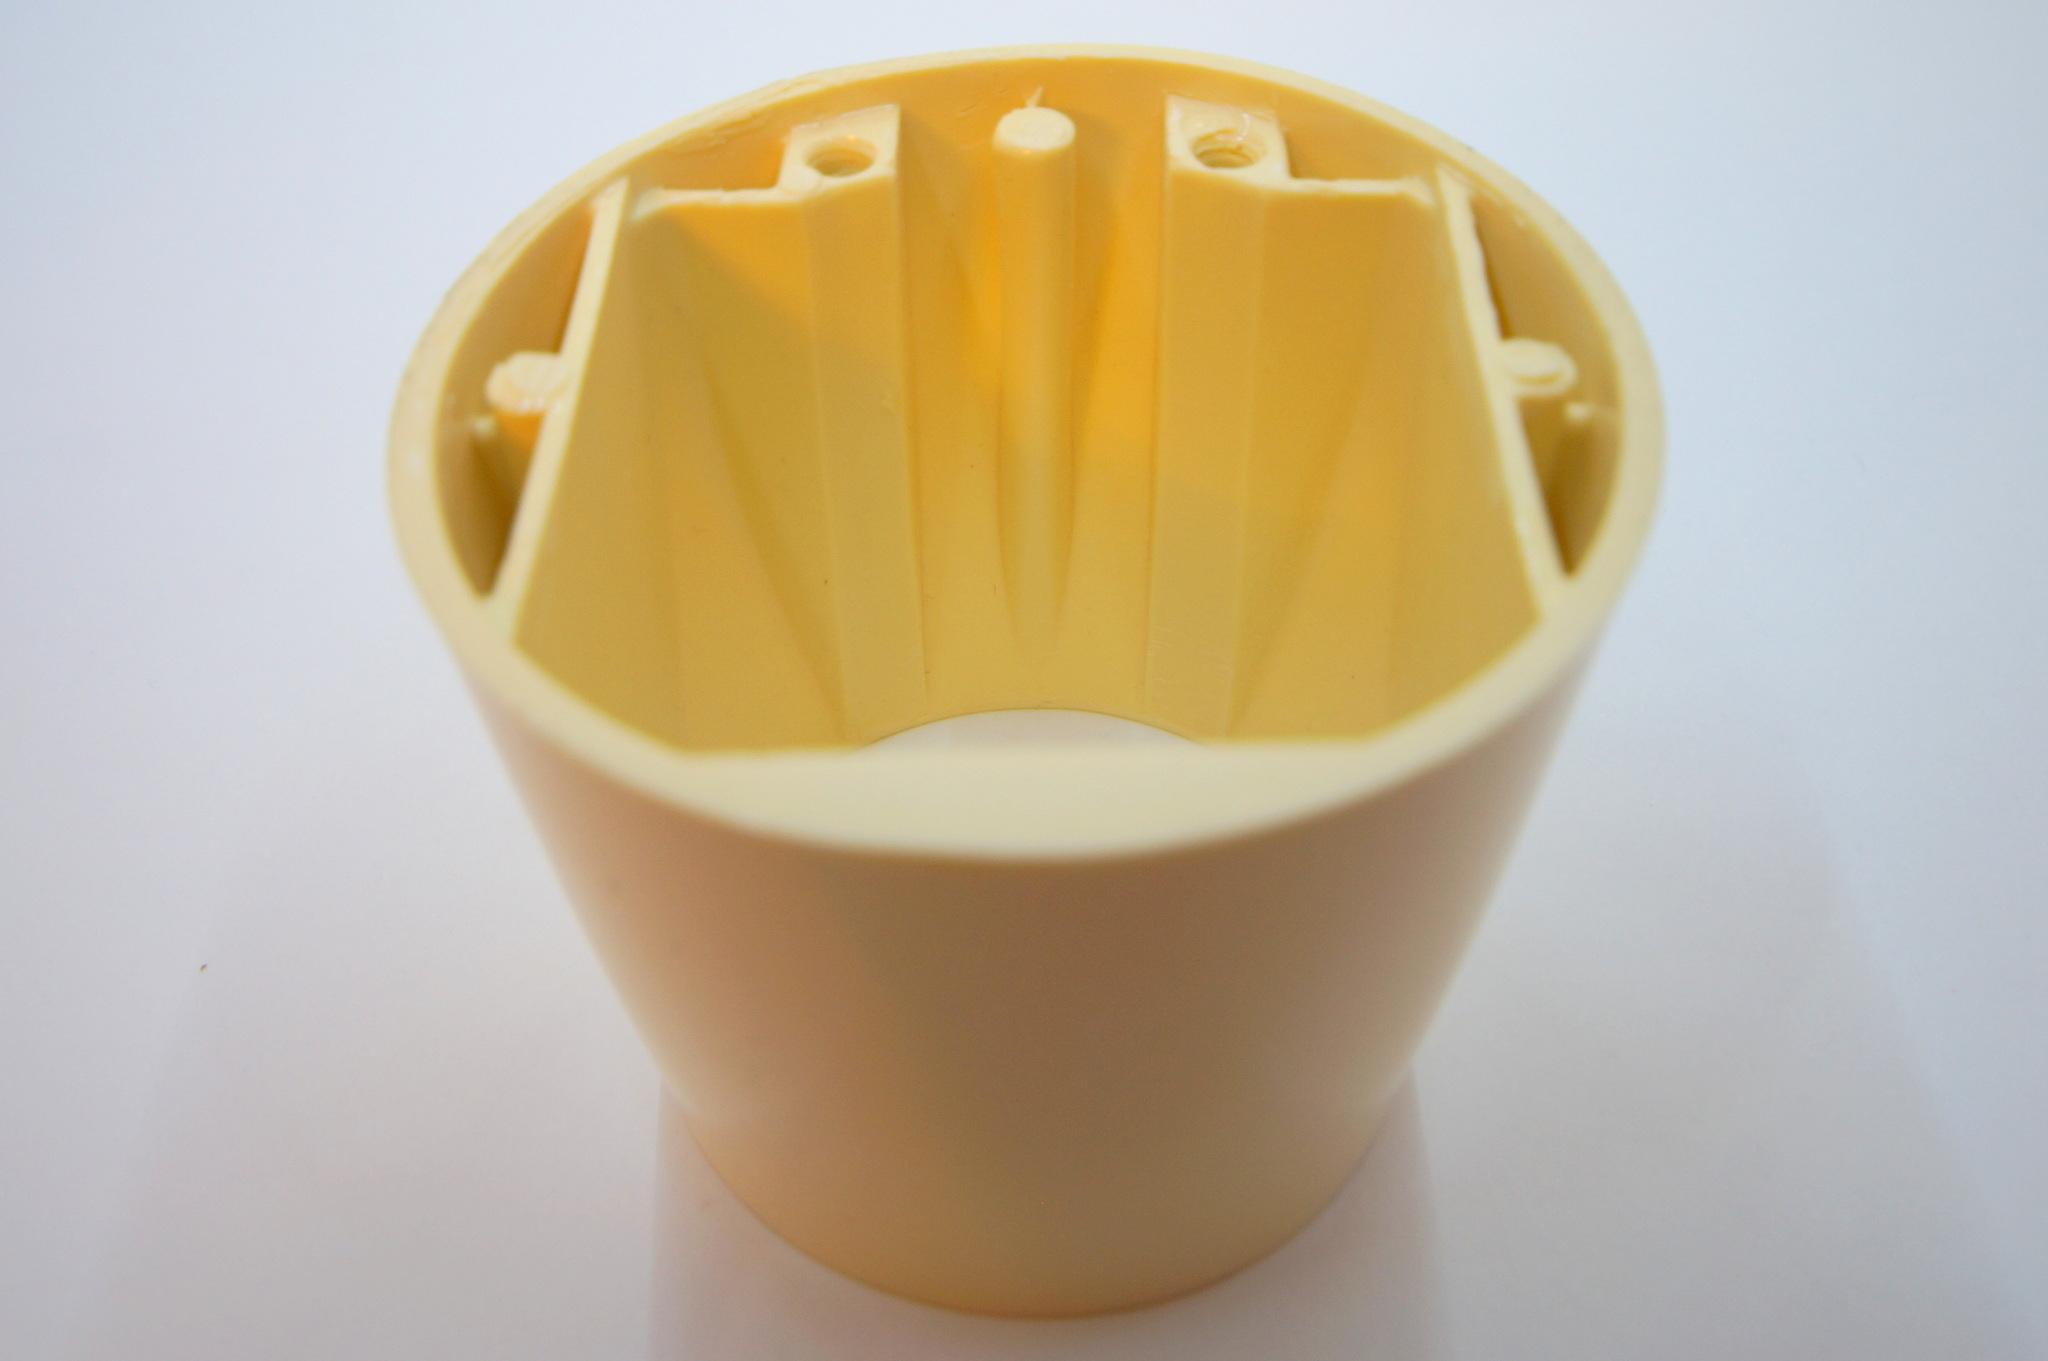 Чашка рулевой колонки Москвич 402-407 бежевая без выреза